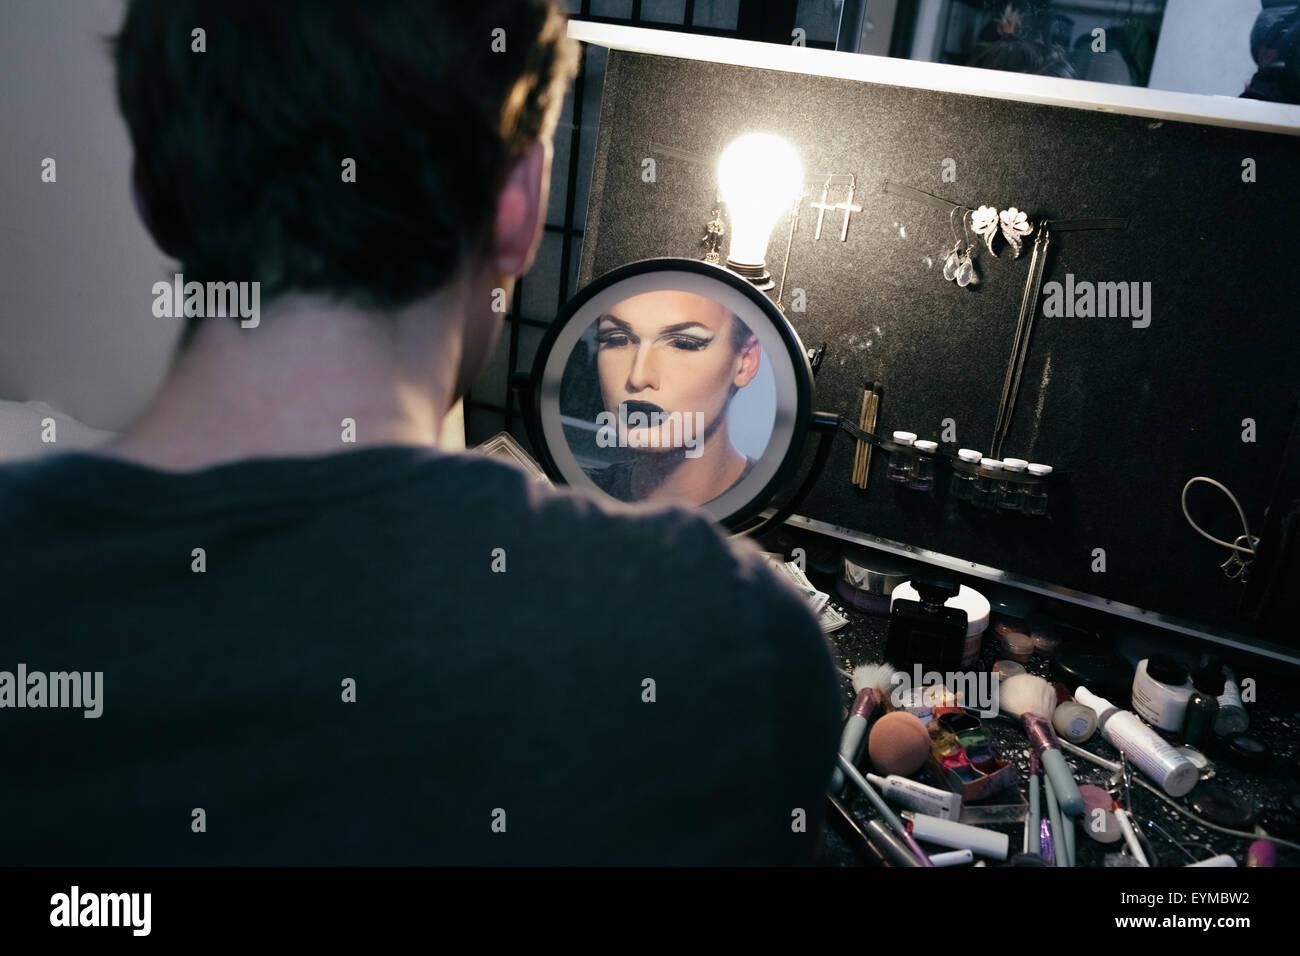 Maschio di drag queen mettendo su make up e vestirsi in preparazione per una performance Foto Stock